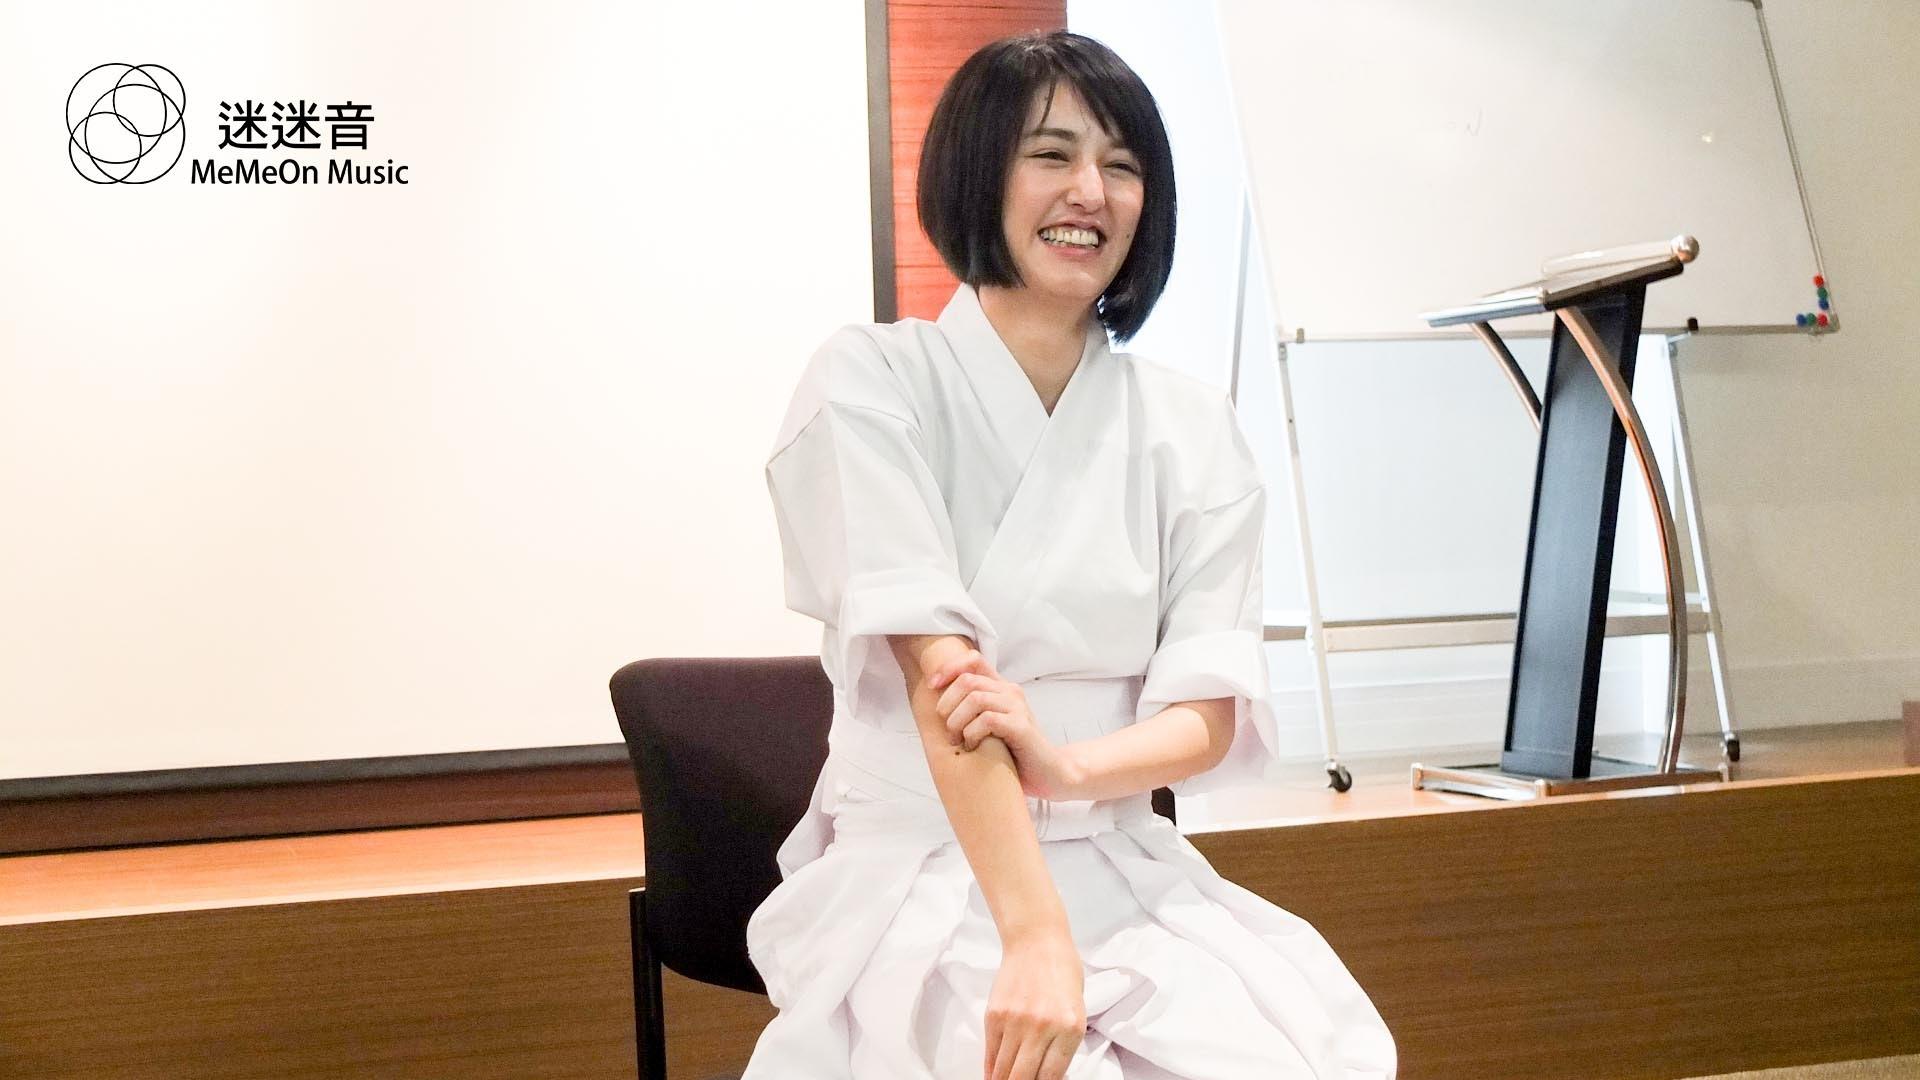 從宮崎駿到生死觀–現代「神隱少女」藝術家小松美羽訪談(2)